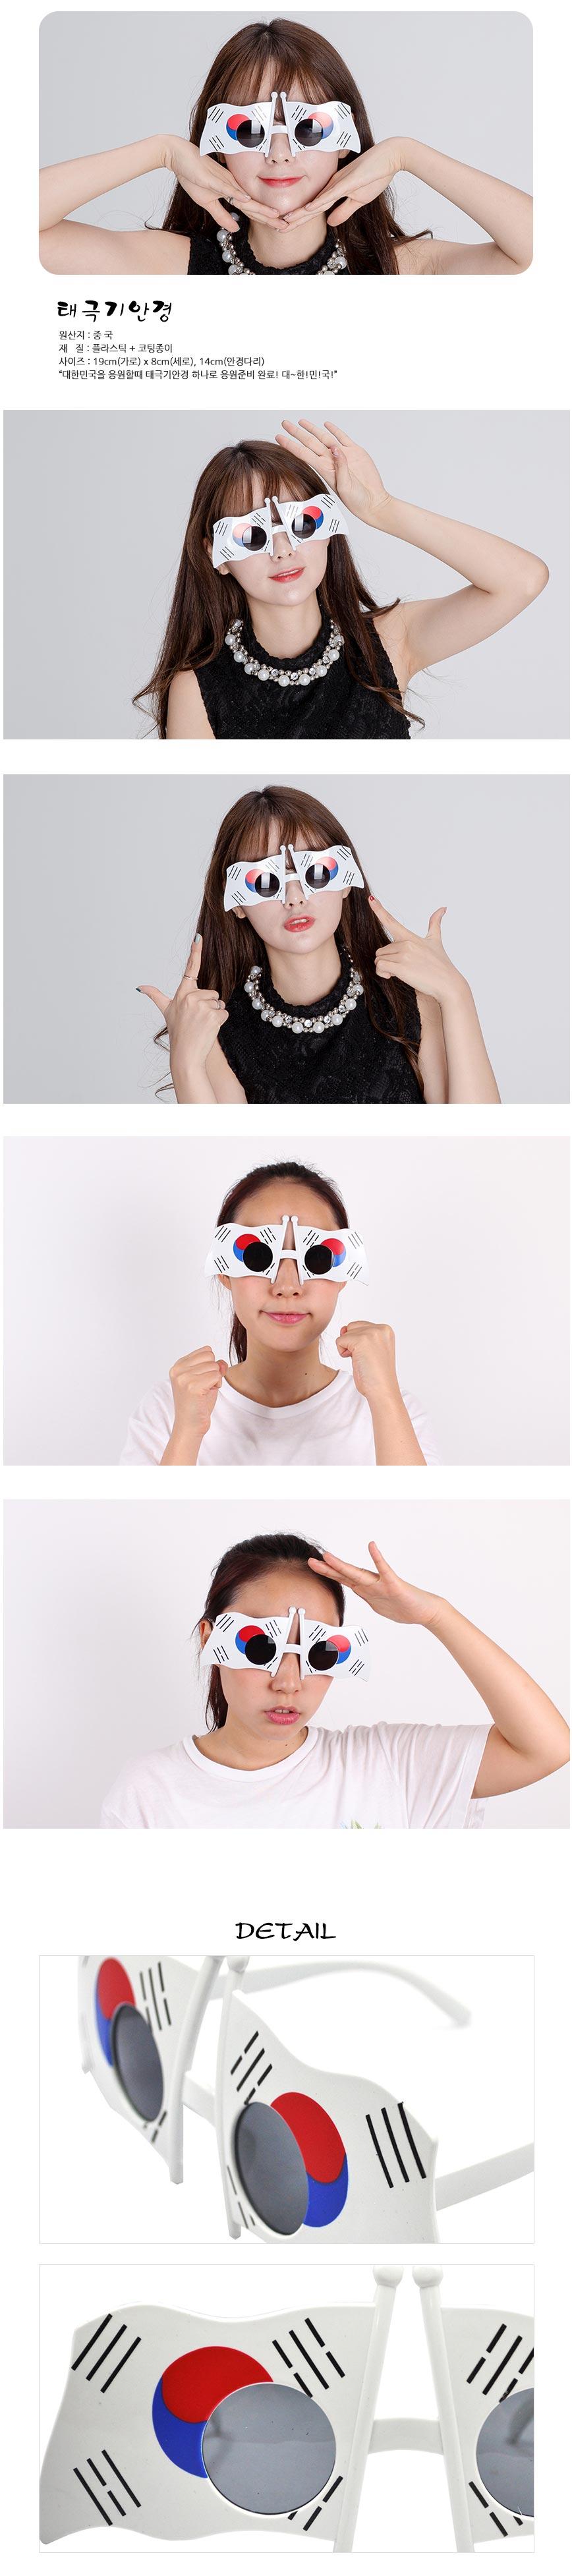 태극기안경 - 파티스토리, 2,000원, 파티용품, 데코/장식용품